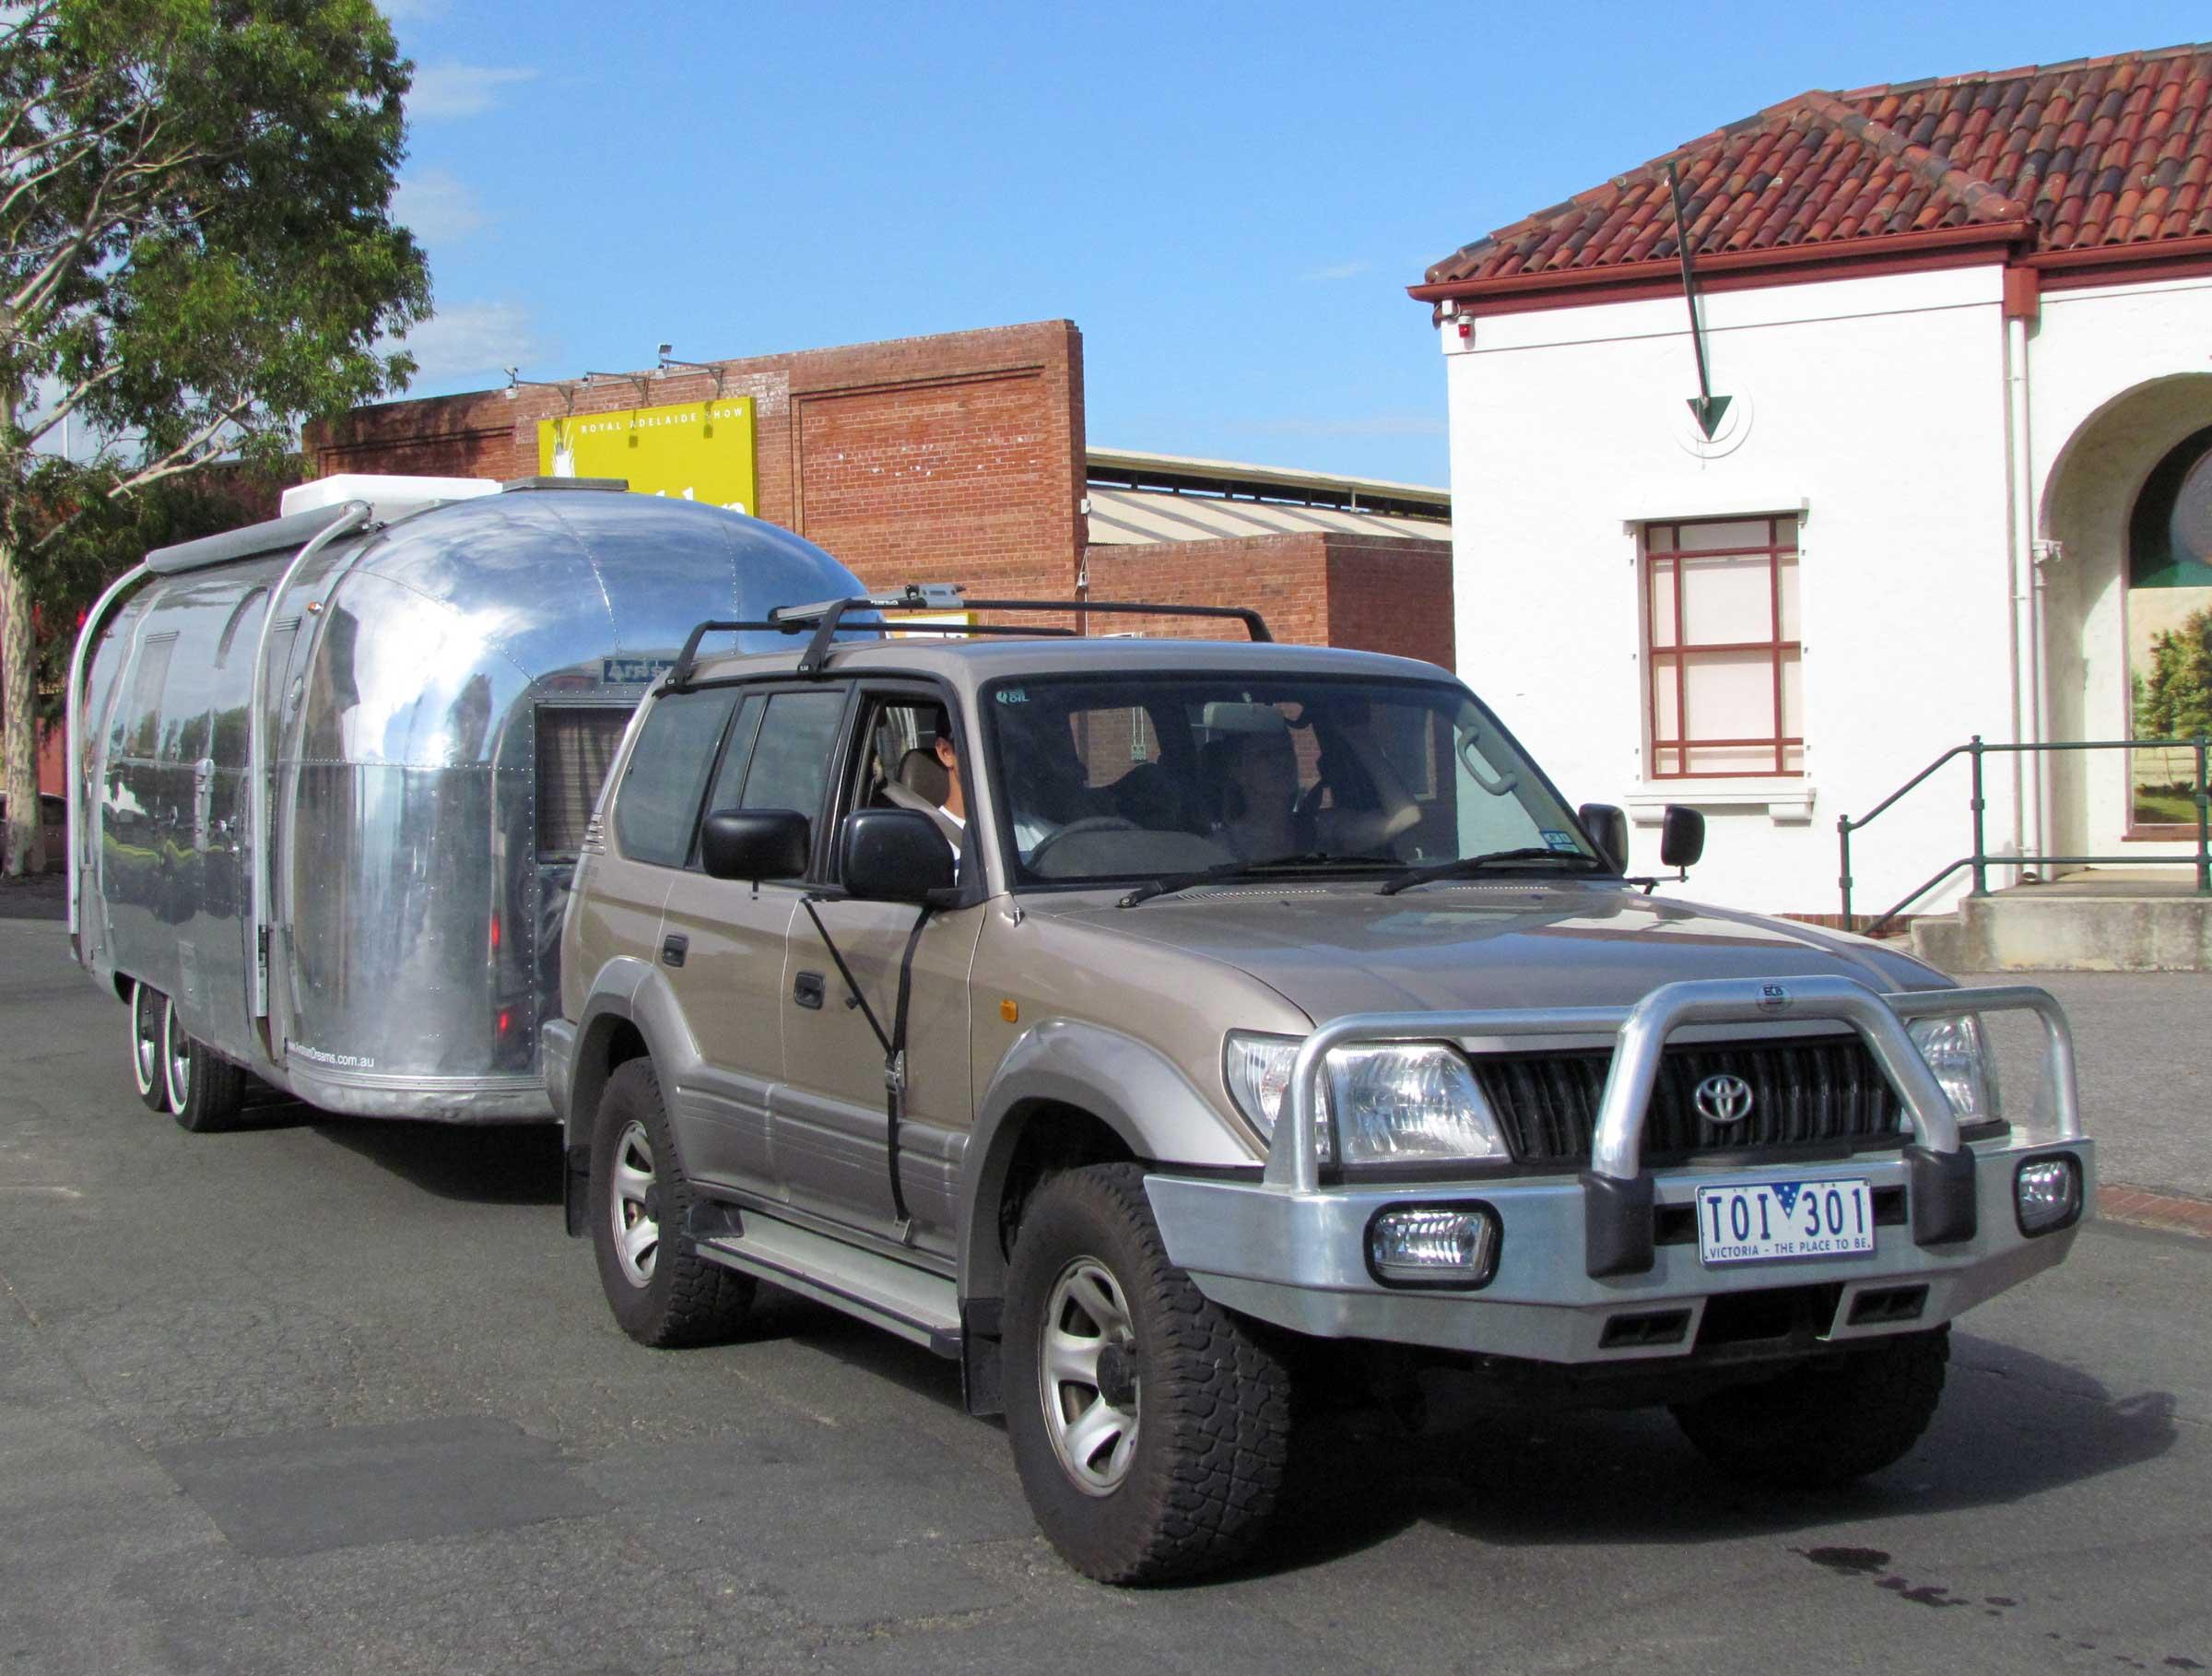 Airstream caravan south australia show